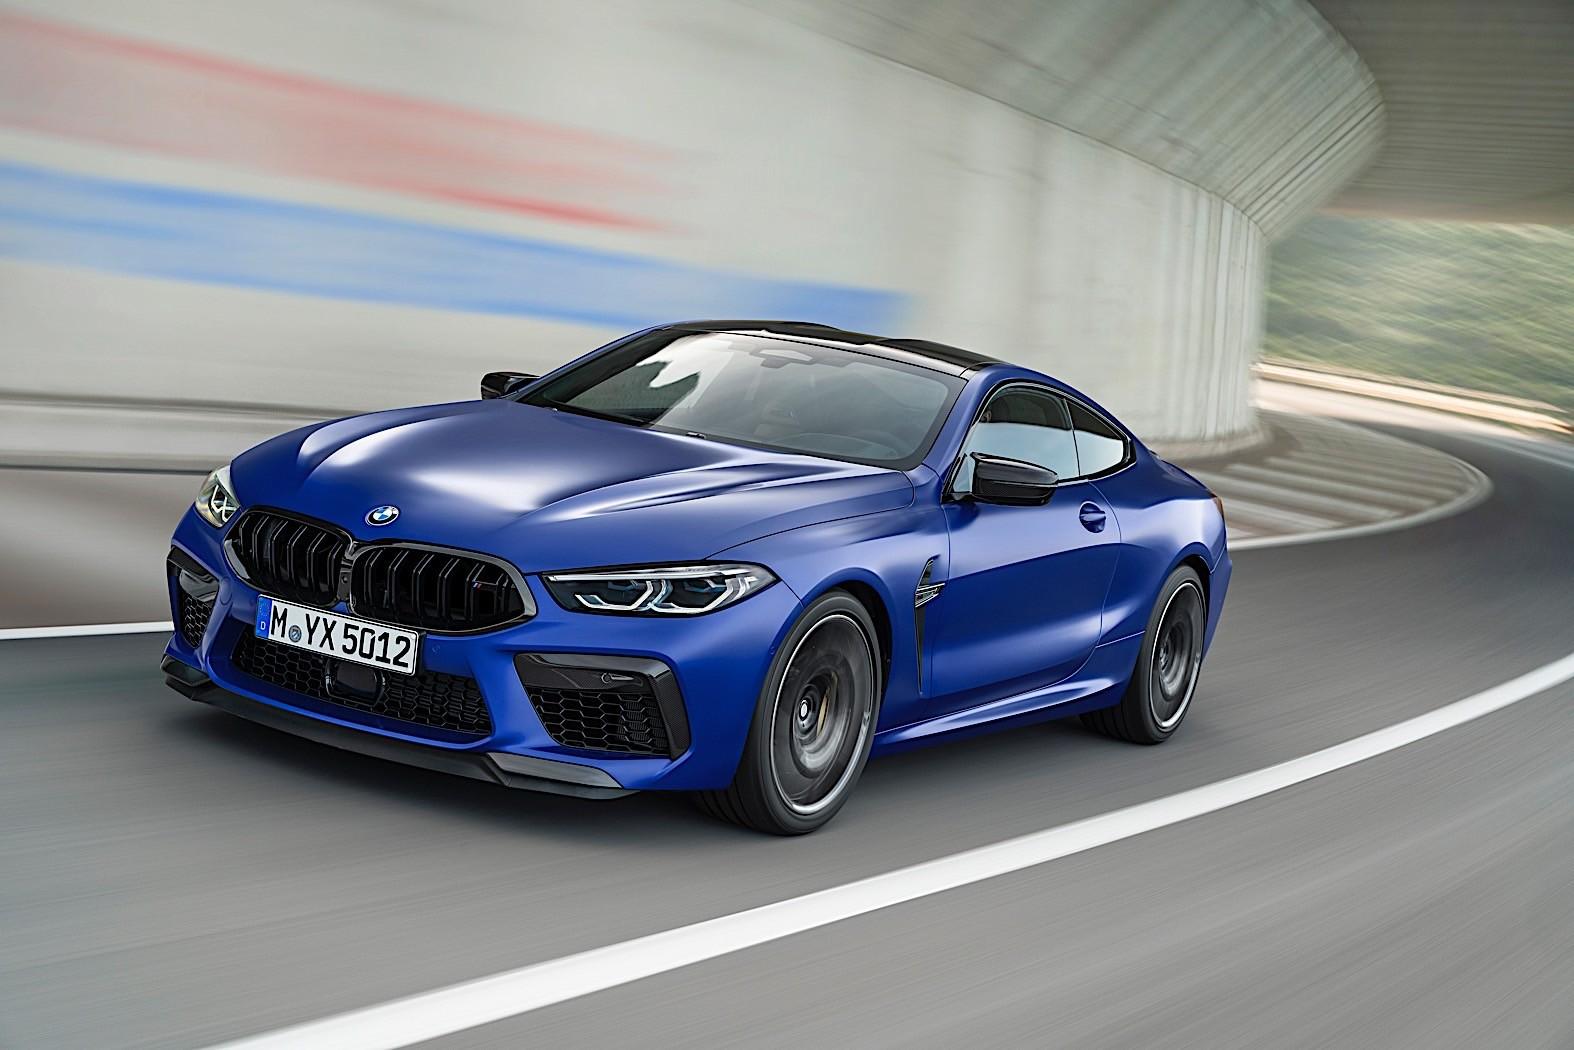 BMW nije zainteresovan za superautomobil, M8 ostaje vrhunac ponude